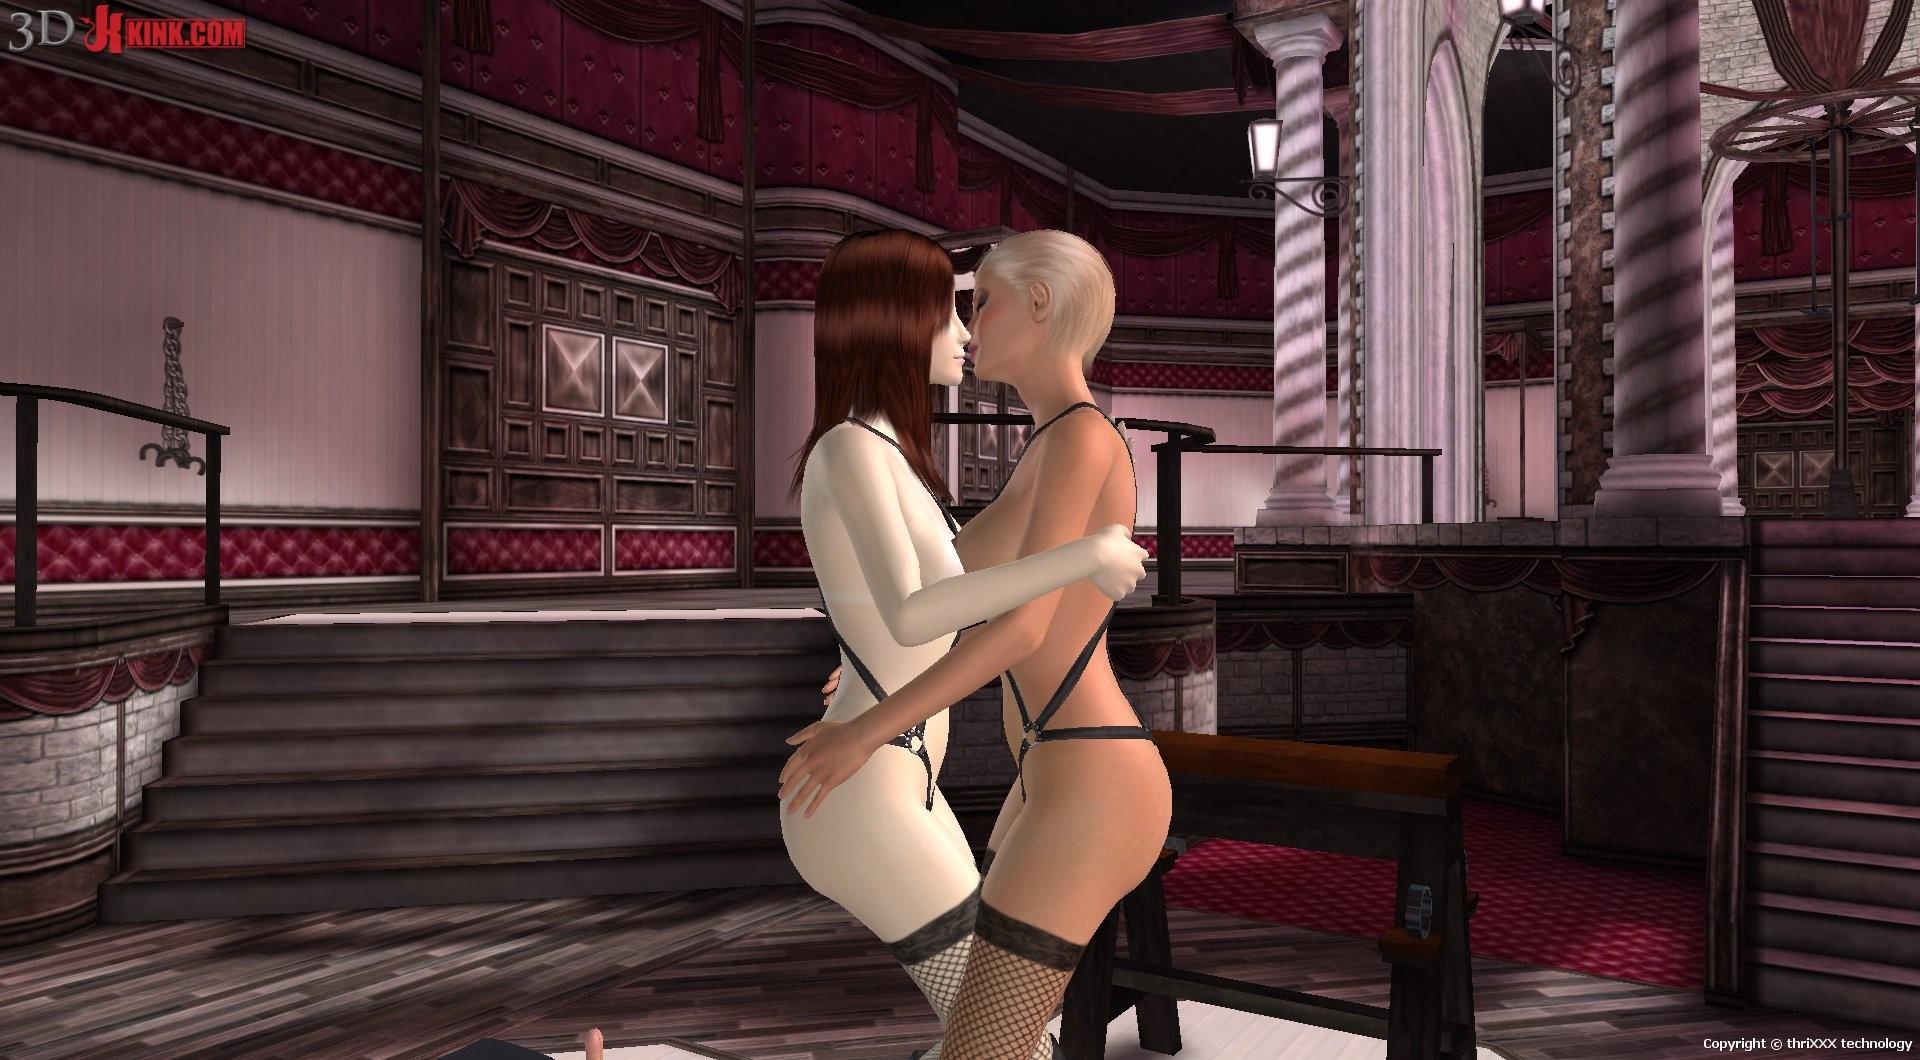 Nude mature women upskirt